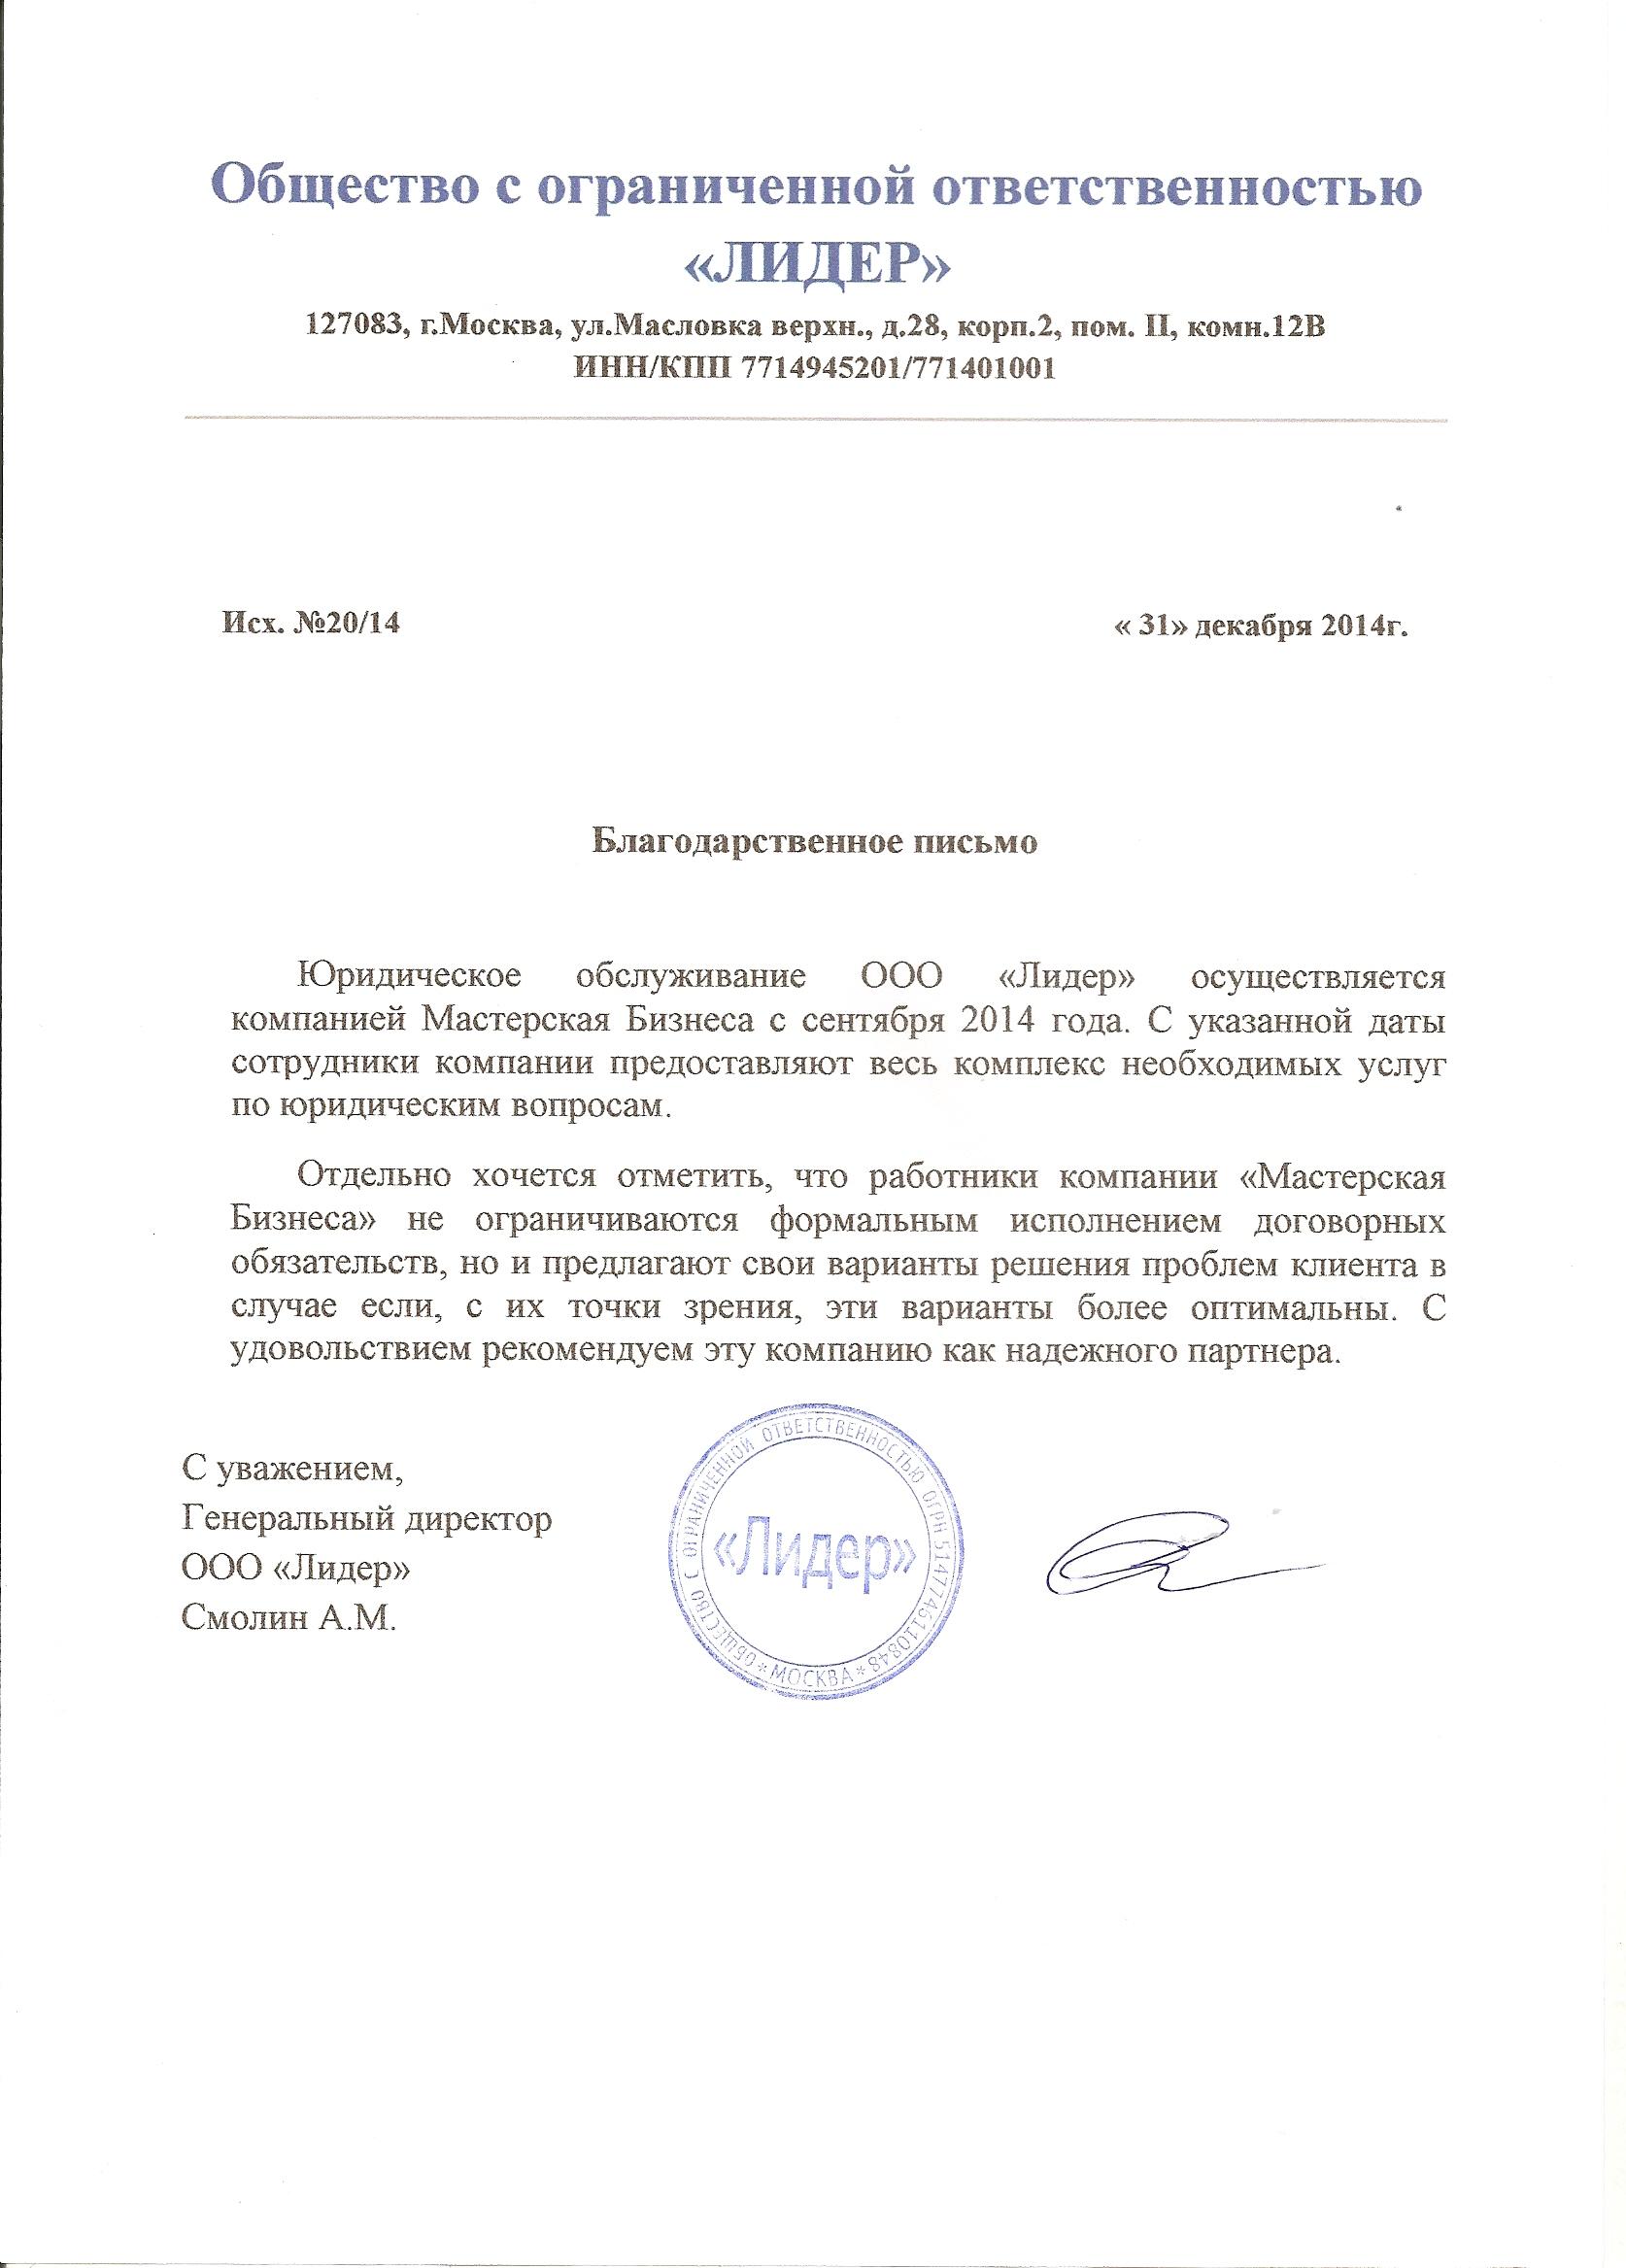 информационное письмо о реорганизации предприятия образец